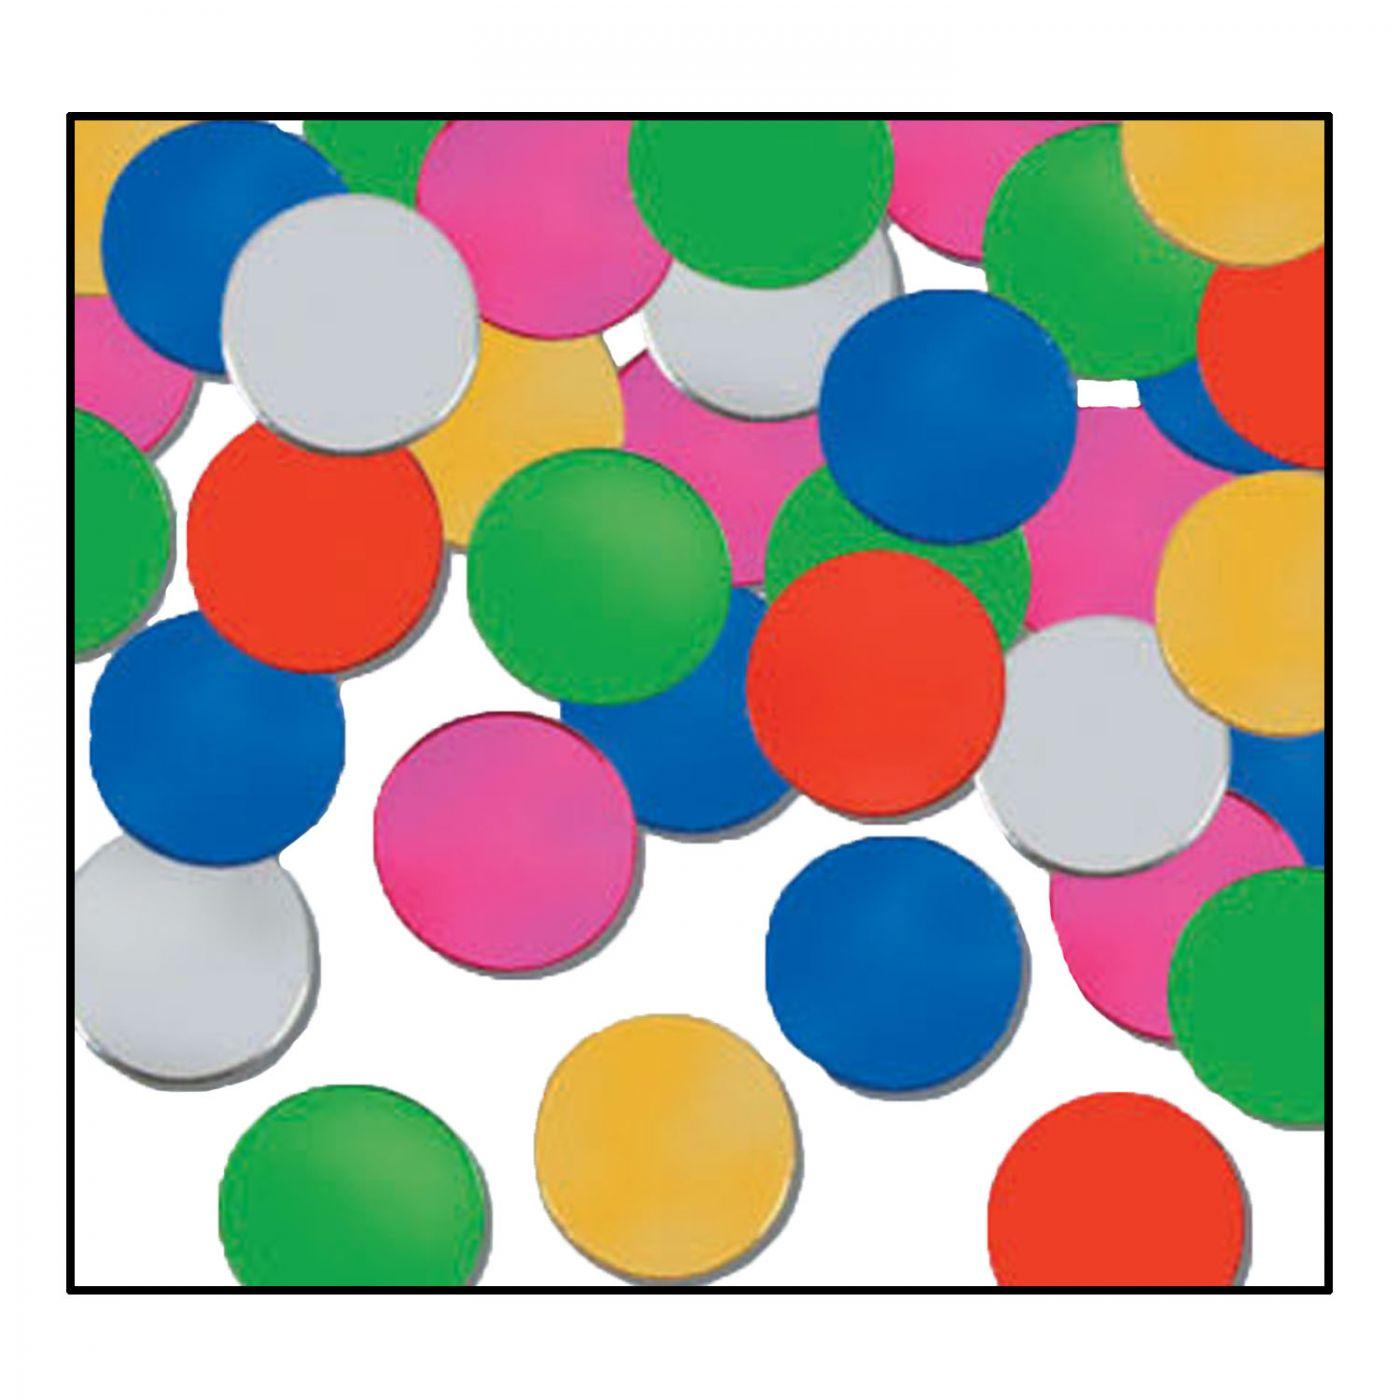 Fanci-Fetti Dots image